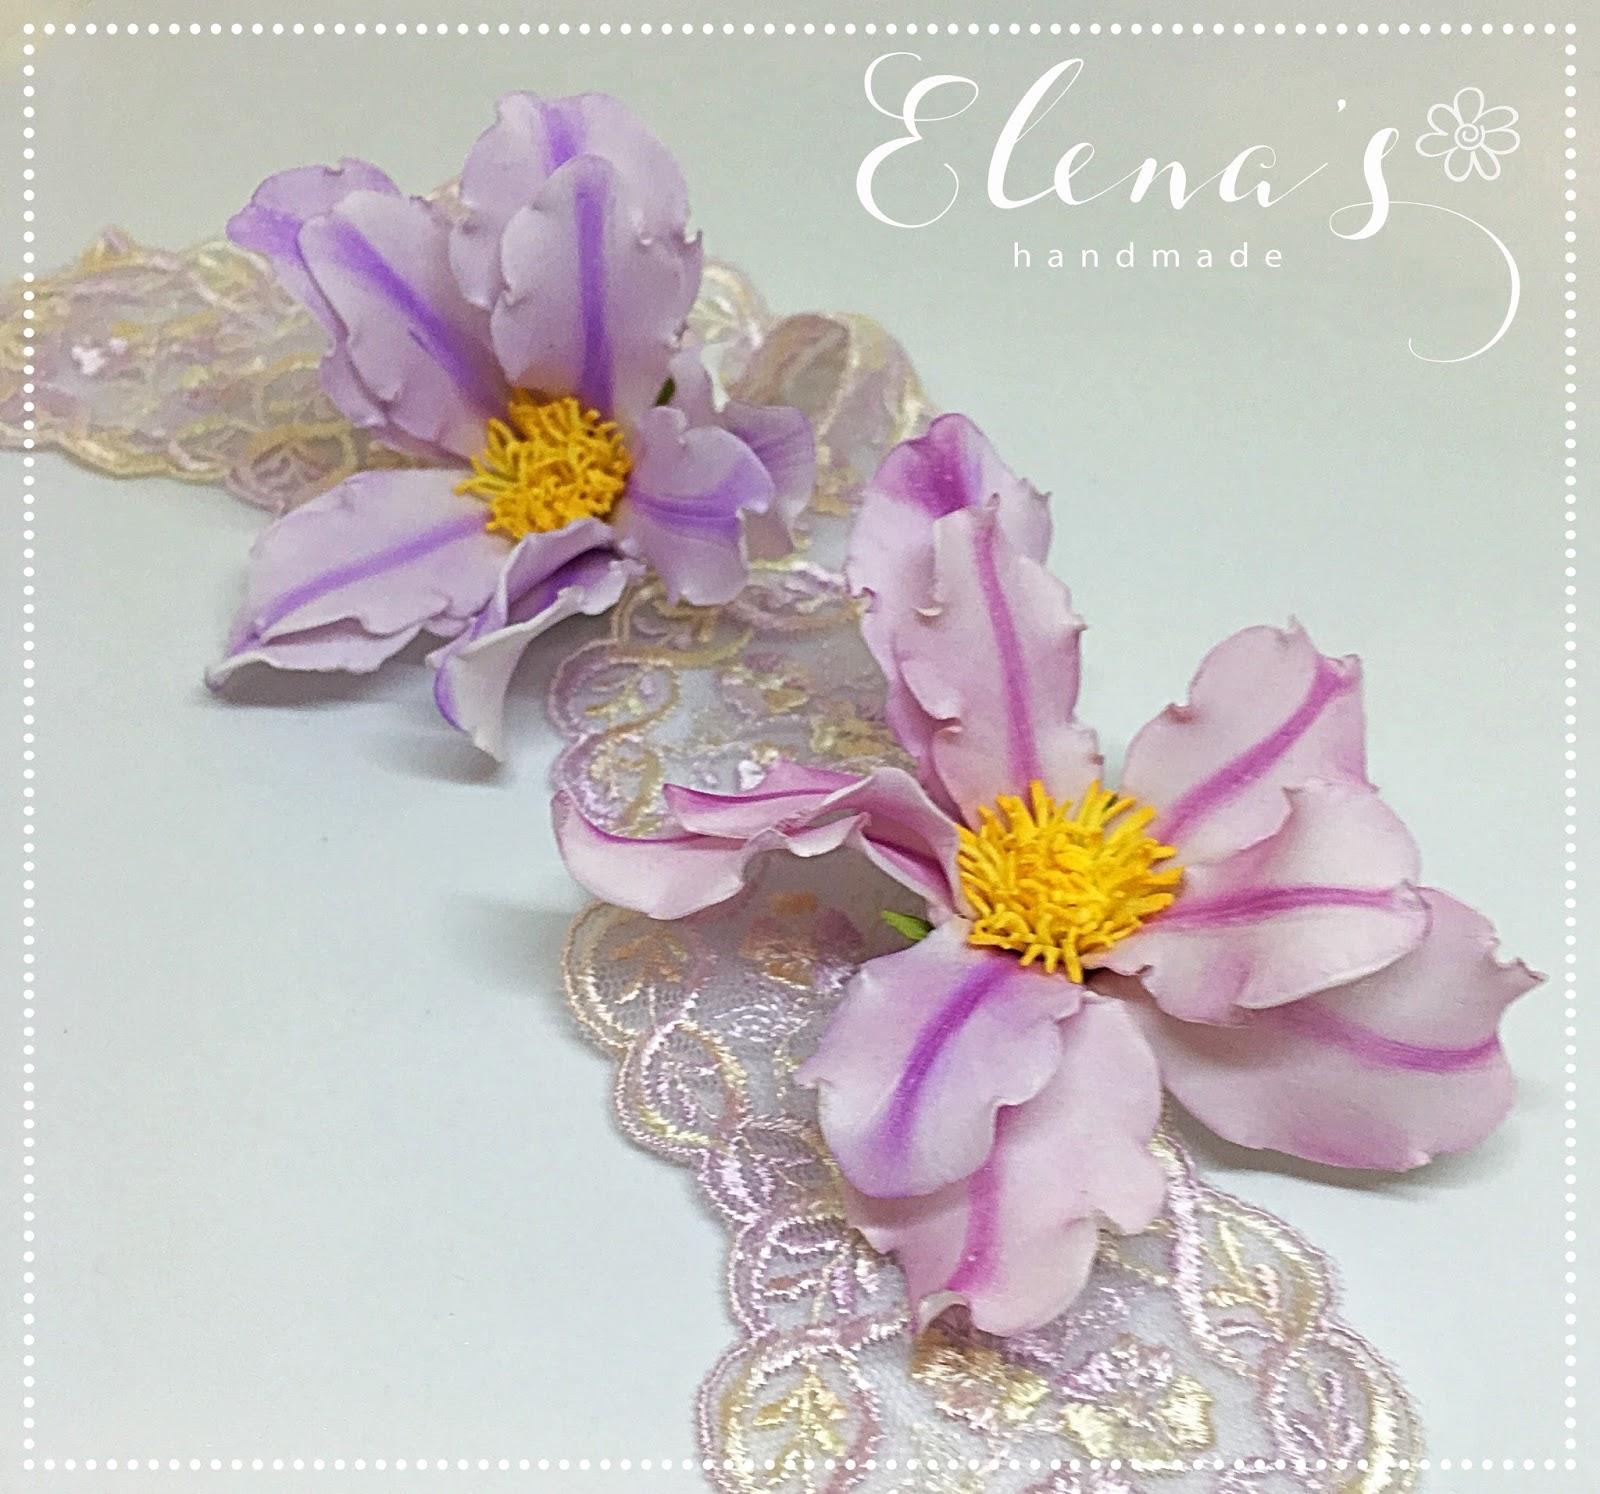 Elenas Handmade February 2018